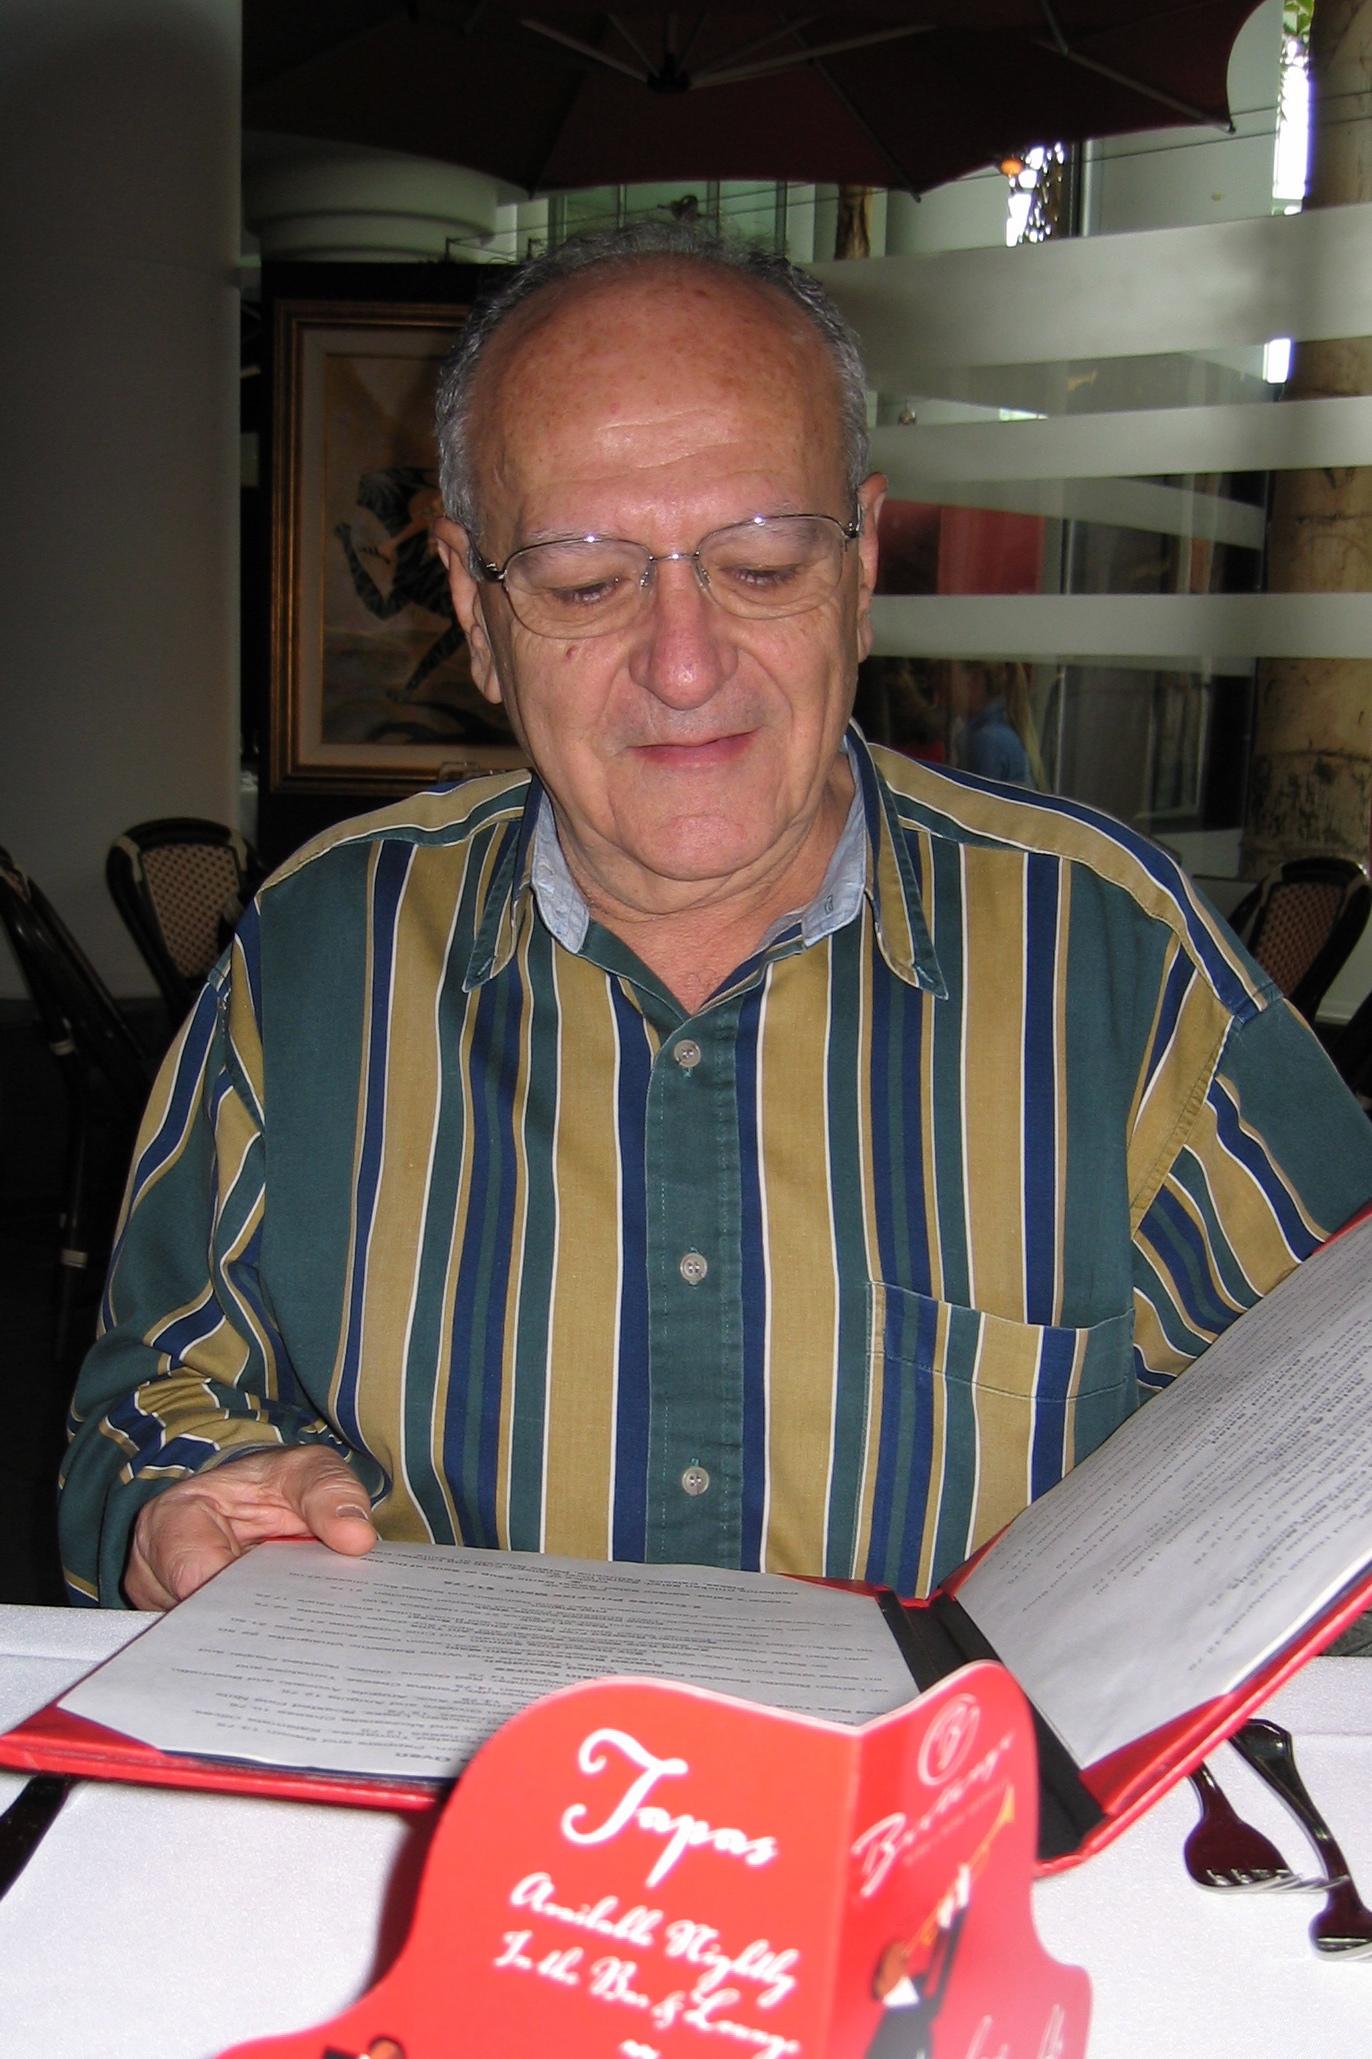 פרופסור רוברט דוד - תמונת פרופיל